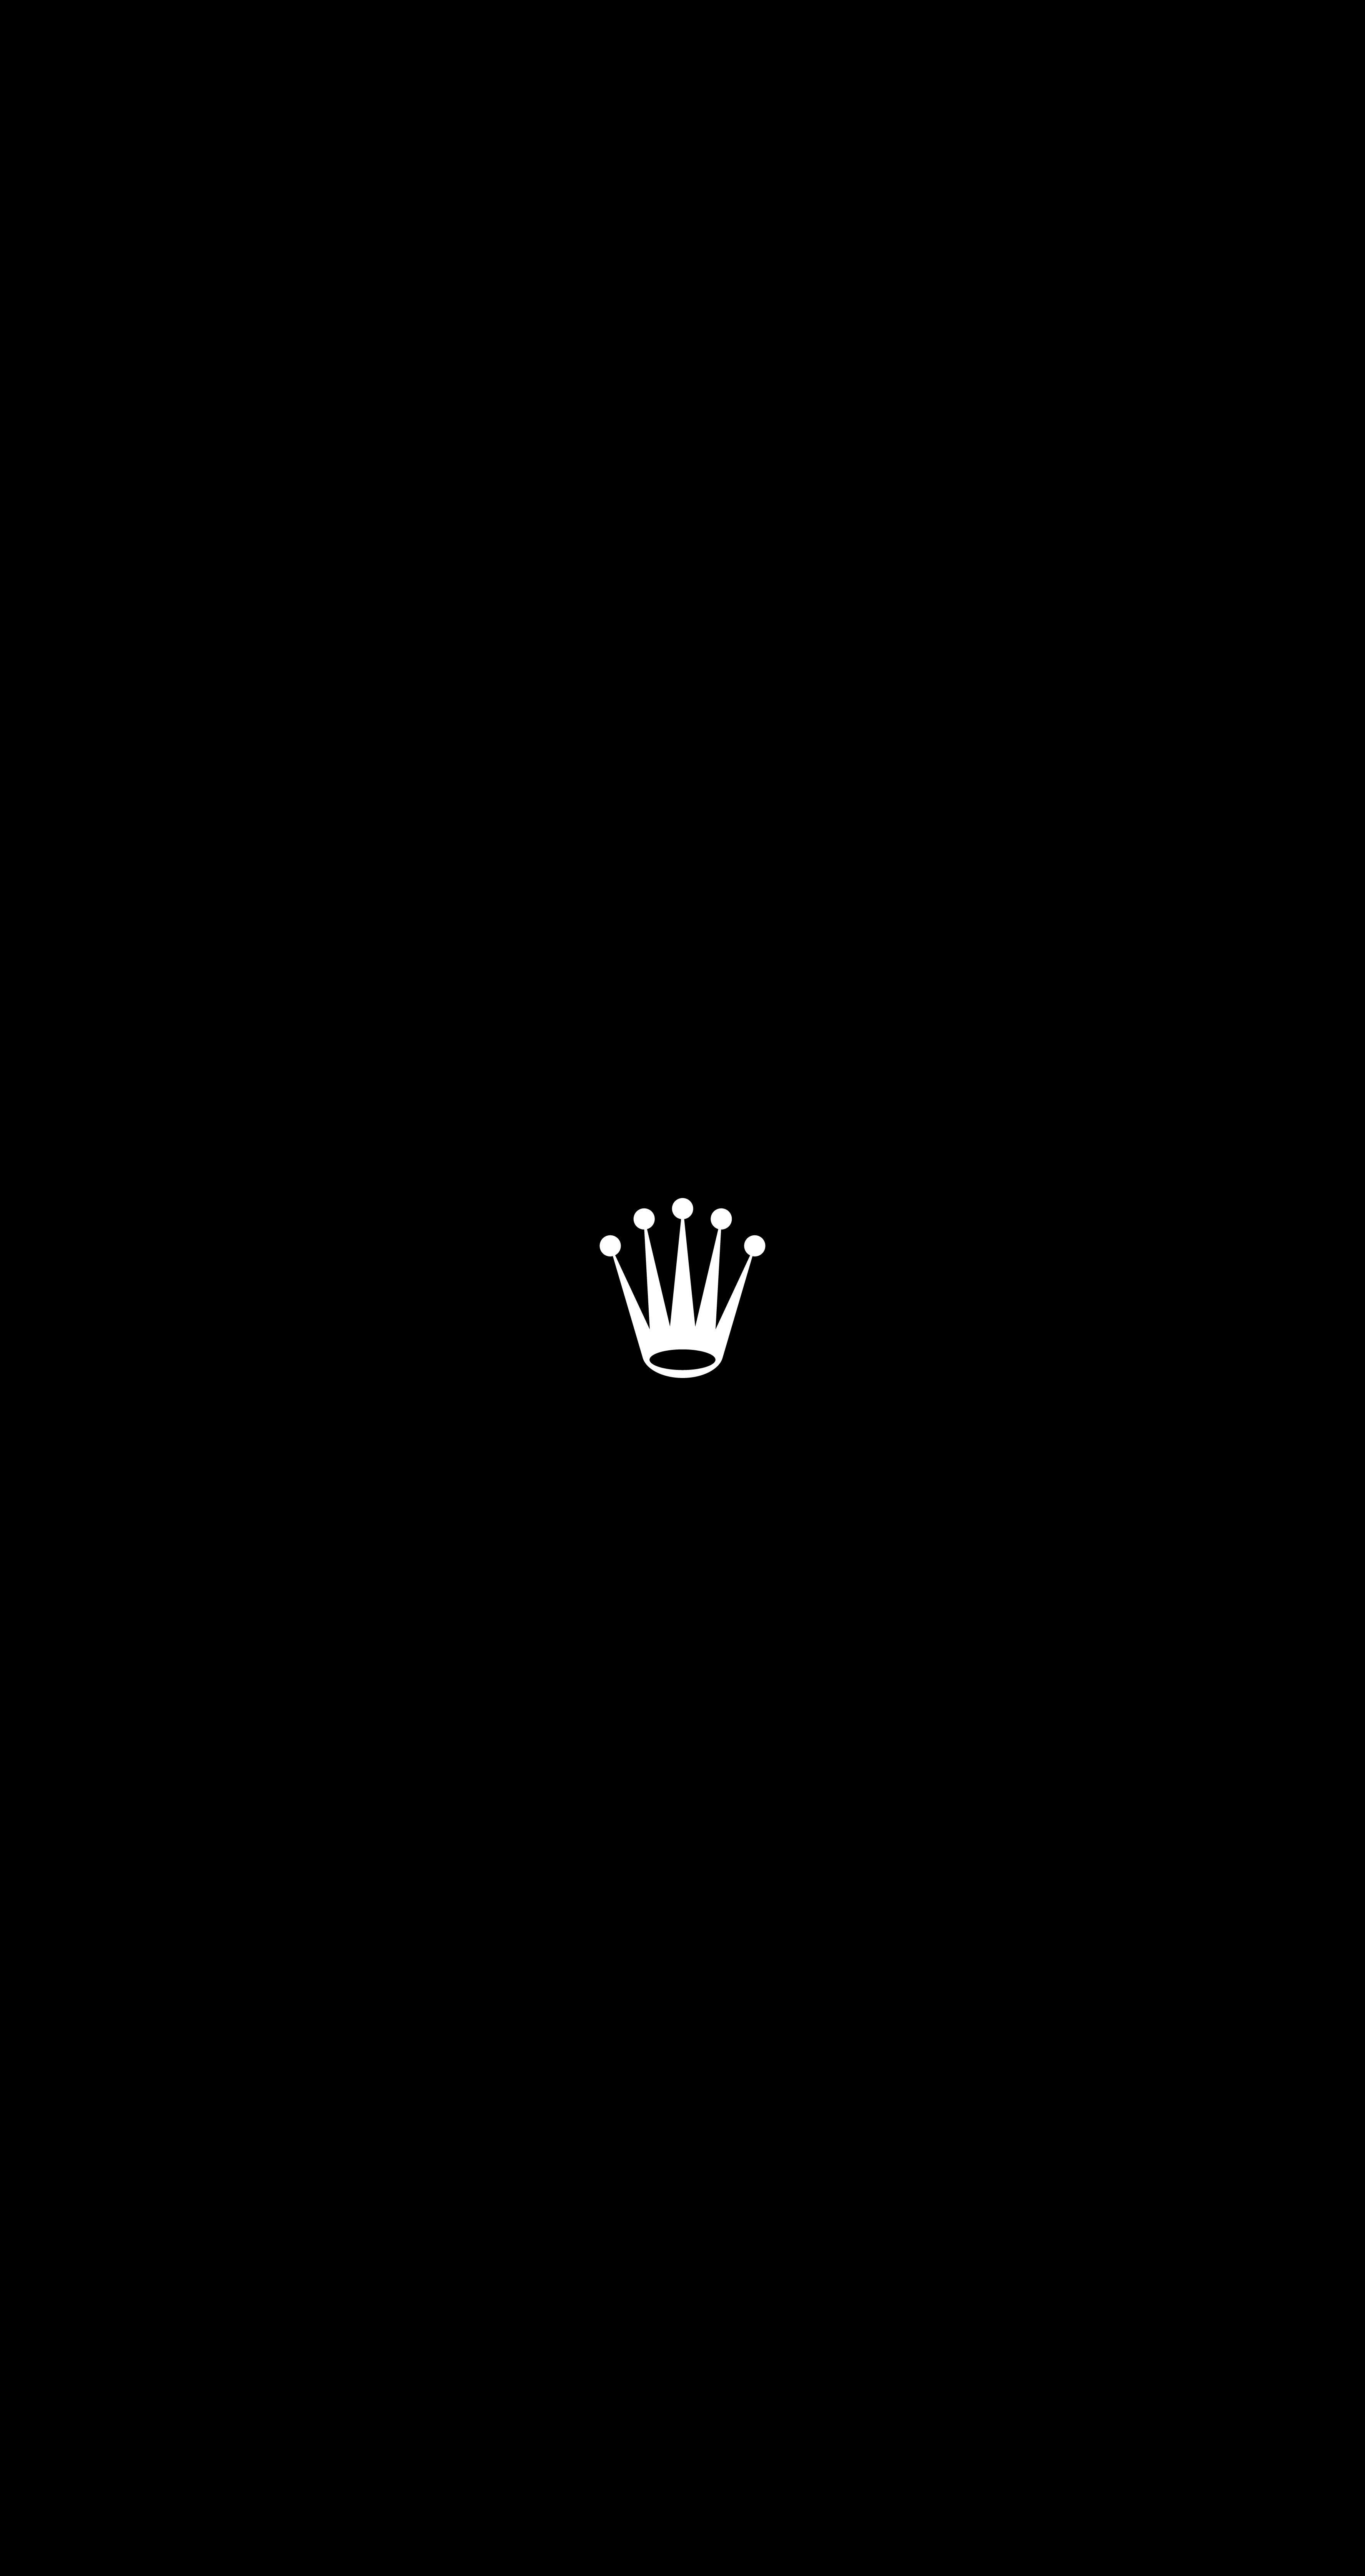 In Classic Rolex Black For Lock Screen Home Screen Tattoos In